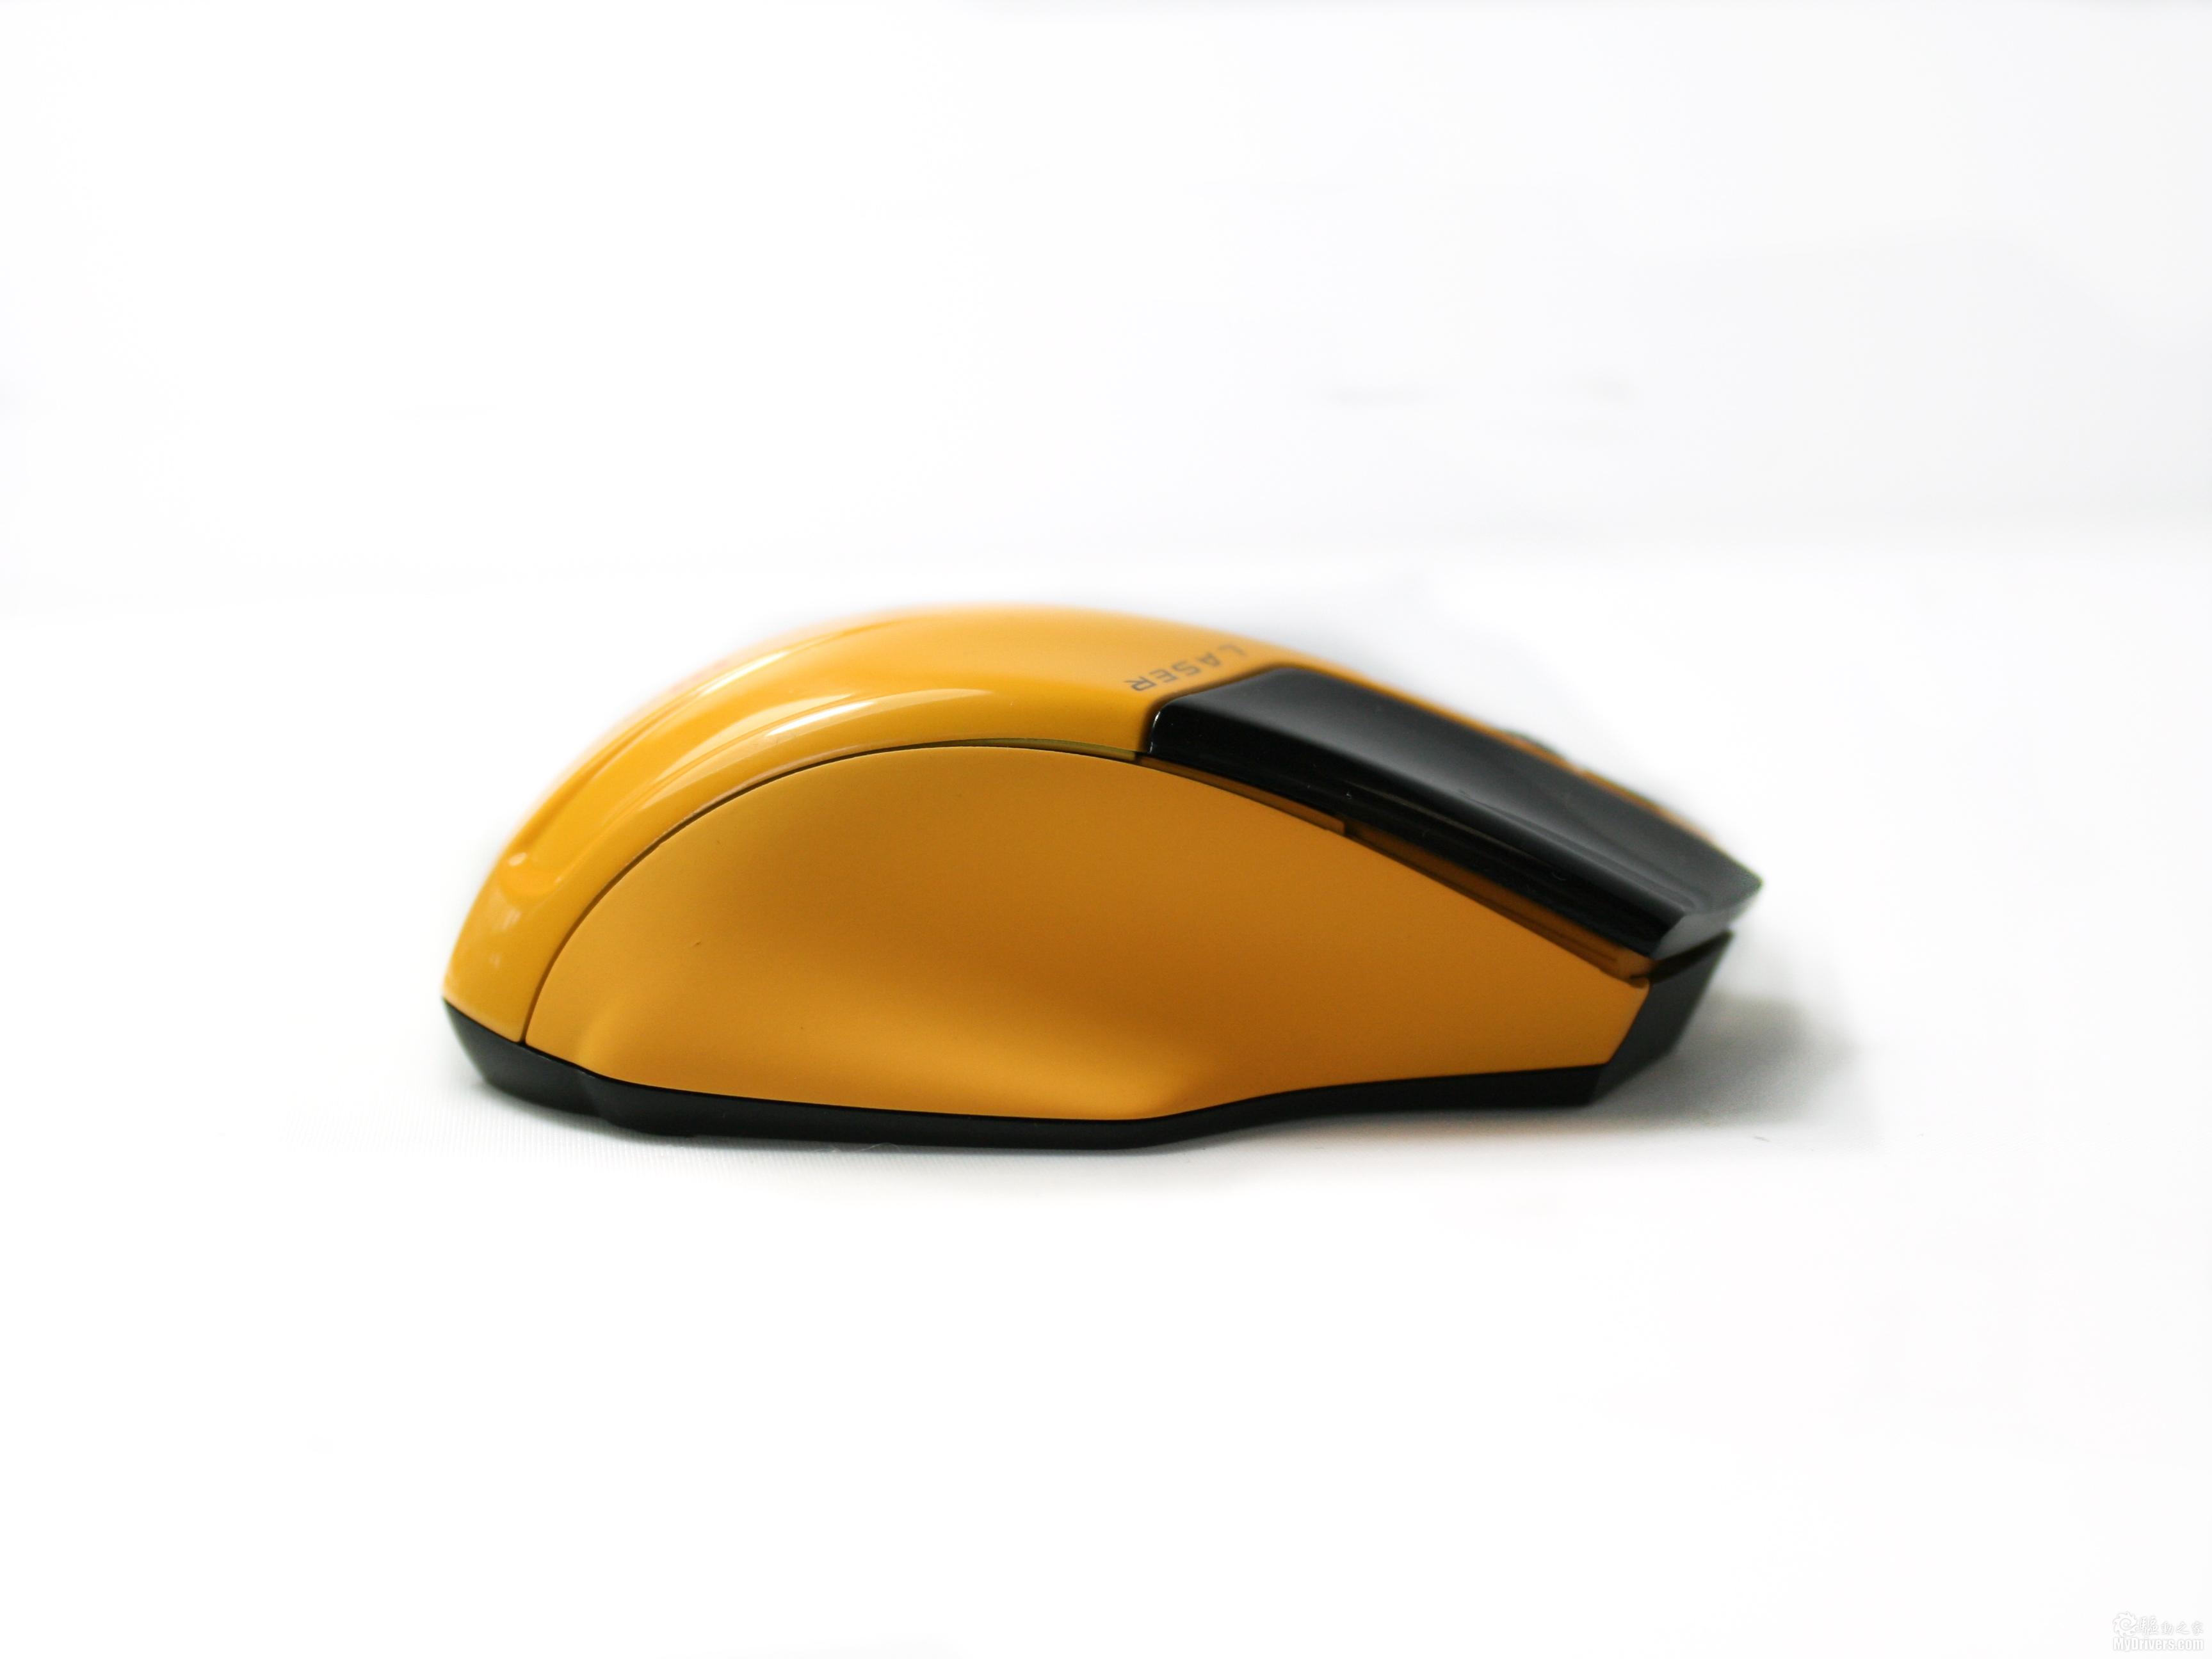 摩天手t20_z系第一款 摩天手z1鼠标全面体验